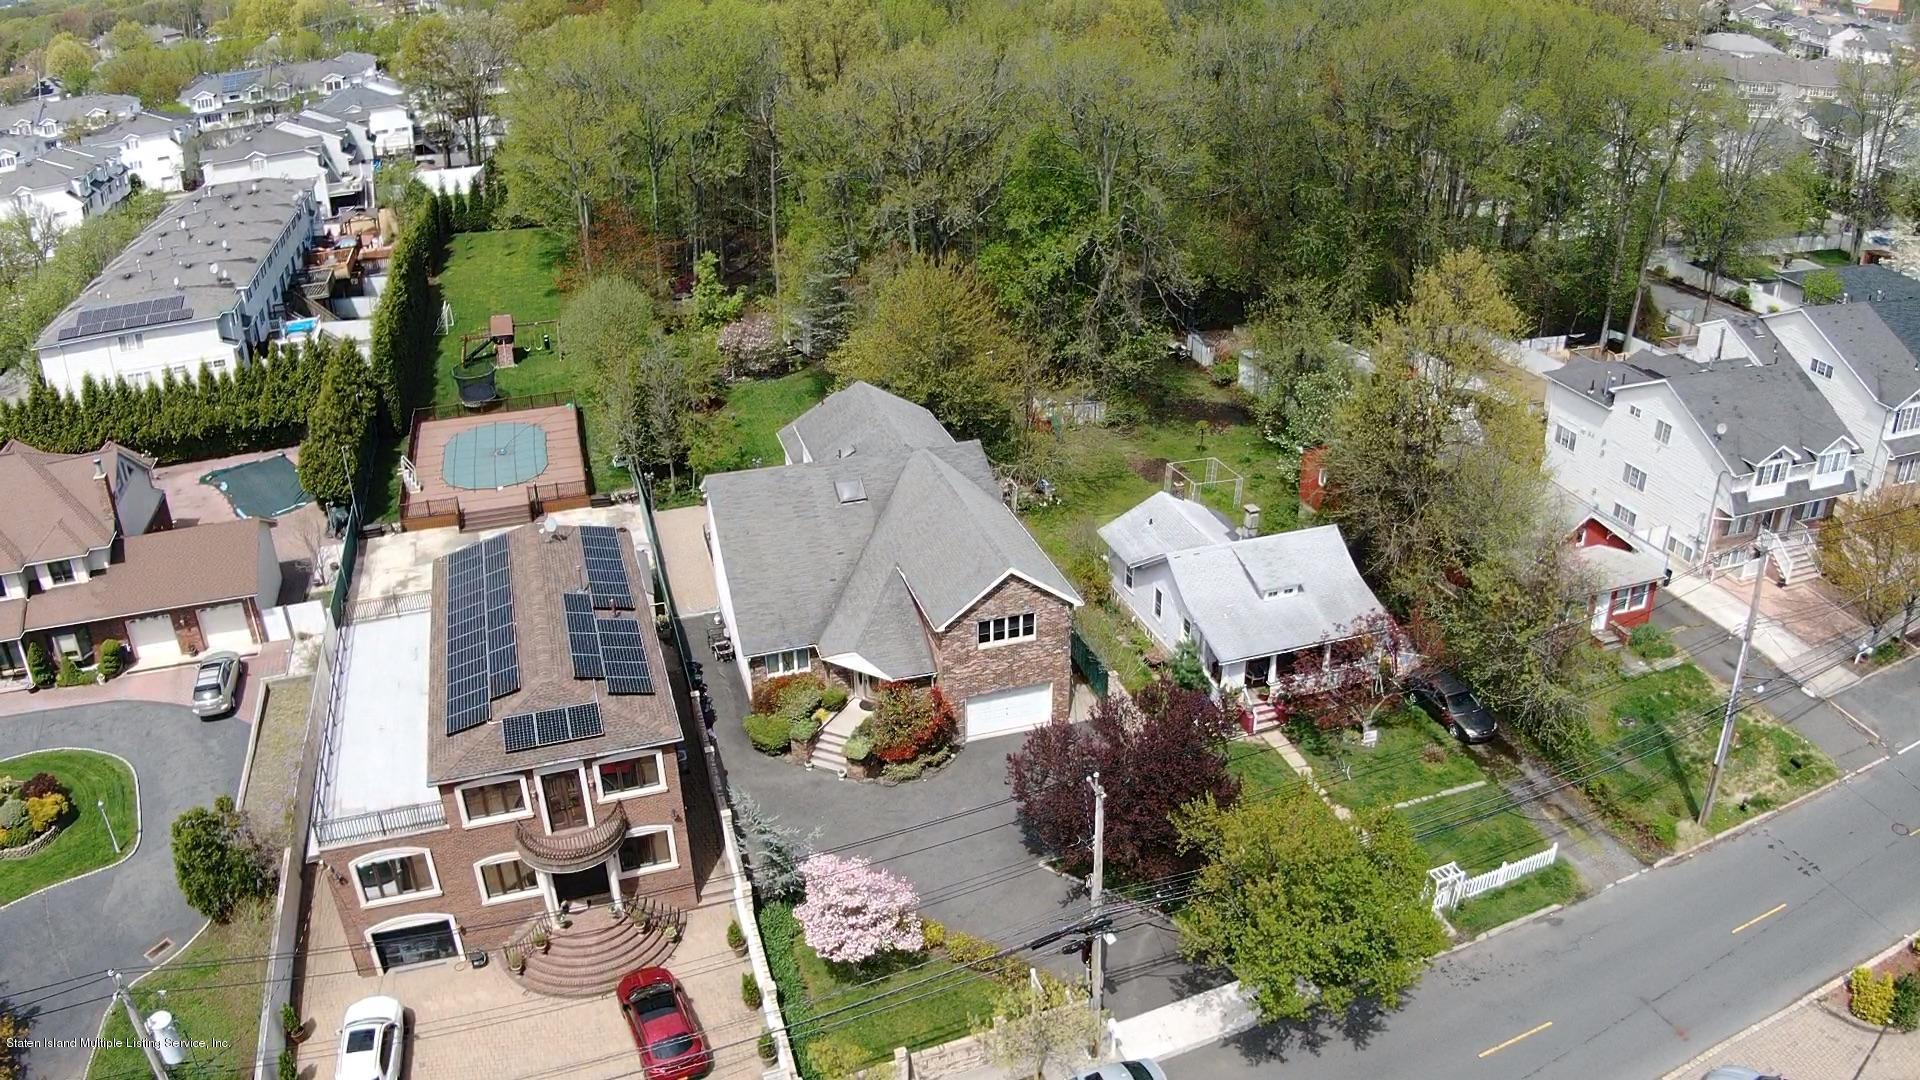 Two Family - Detached 65 Sharrotts Road  Staten Island, NY 10309, MLS-1118896-4